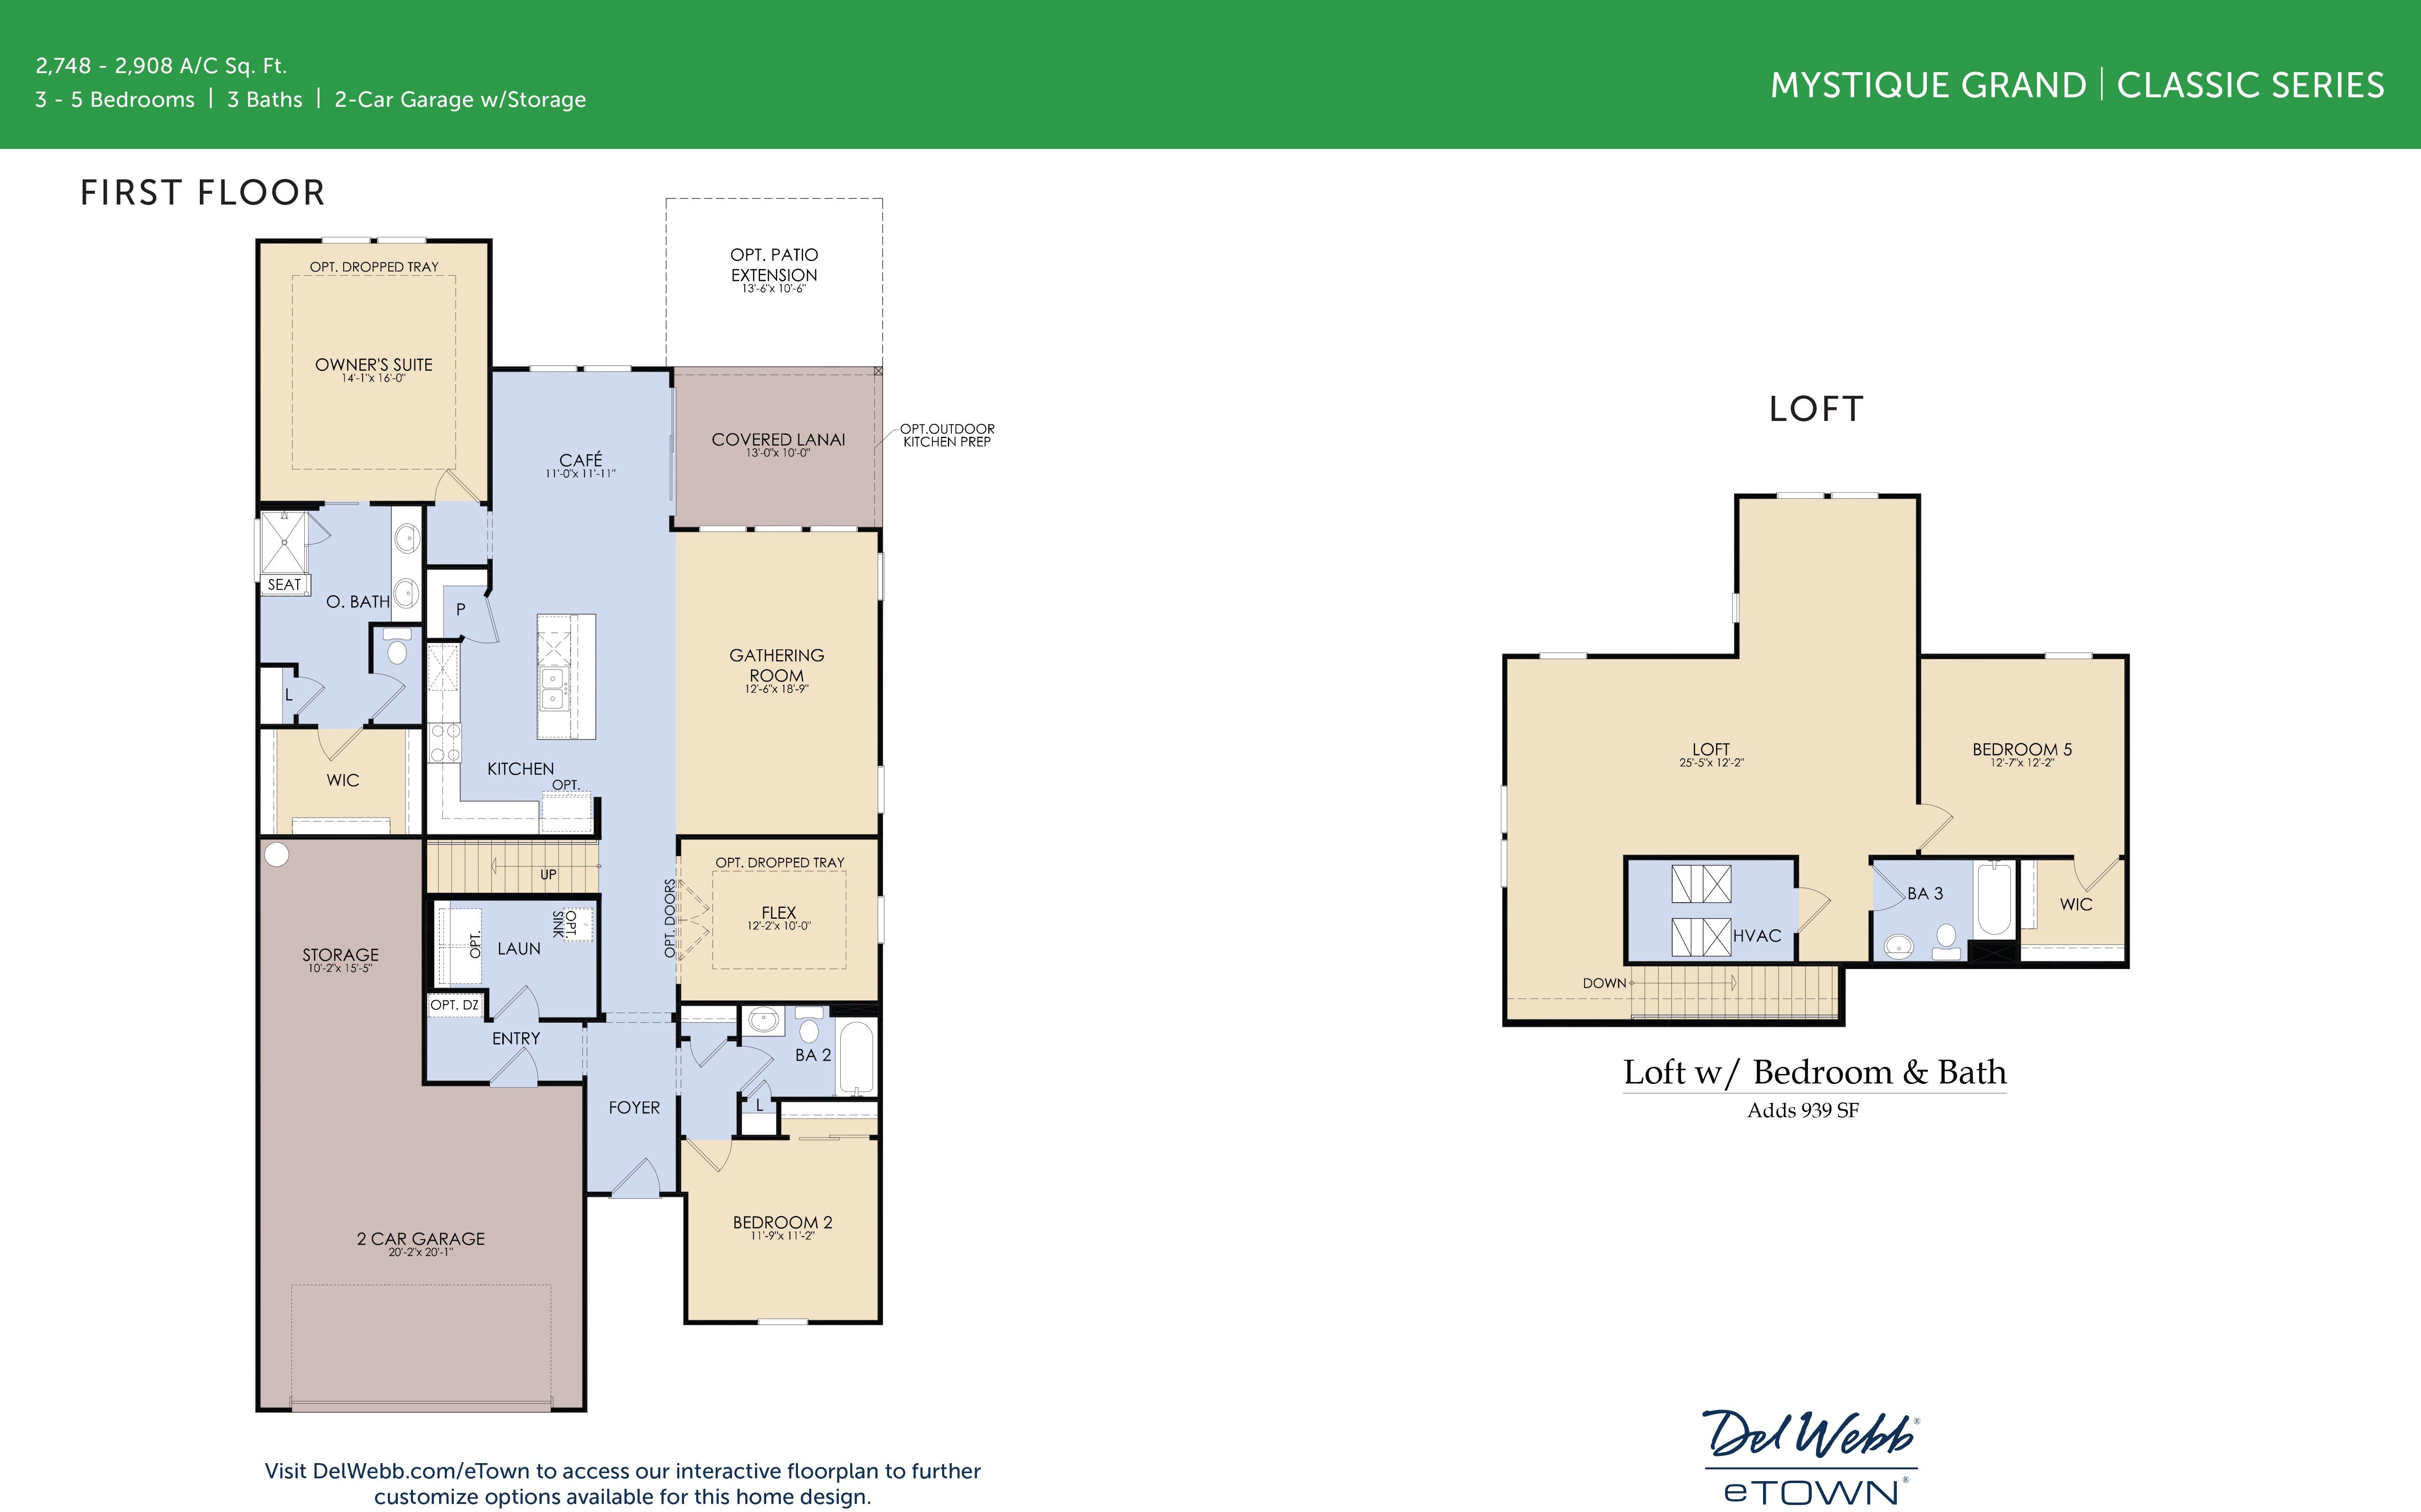 DWeTown Mystique Grand -floorplan